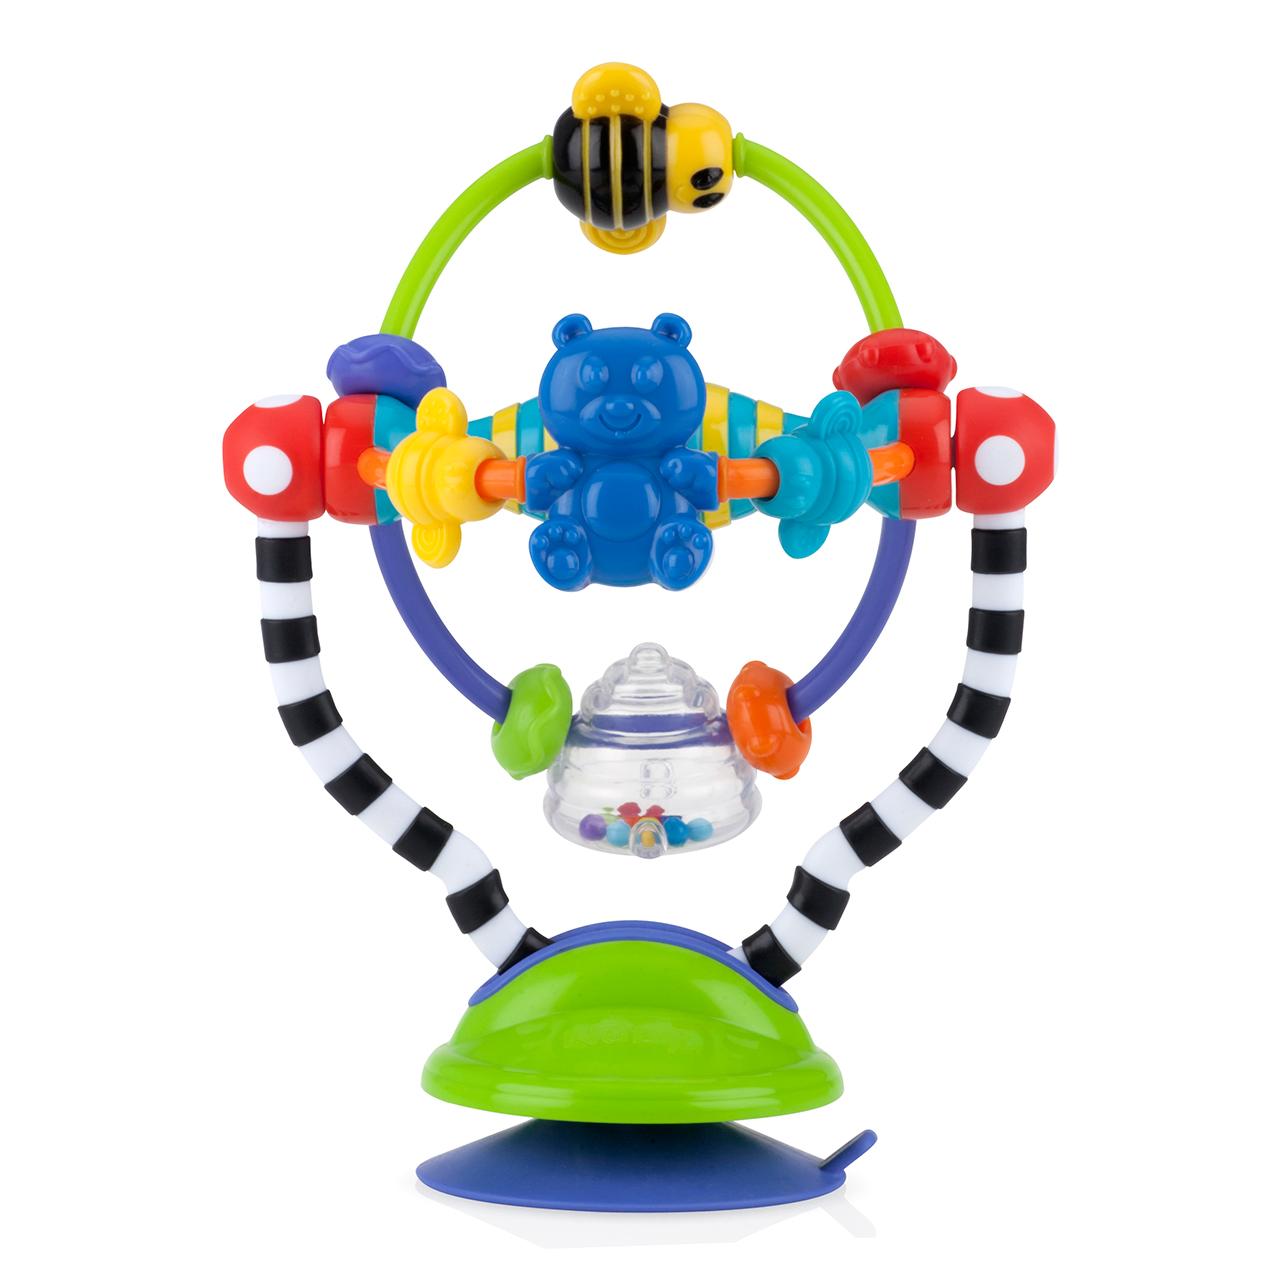 nuby albern spinnrad lernen und activity baby hochstuhl spa spielsachen ebay. Black Bedroom Furniture Sets. Home Design Ideas